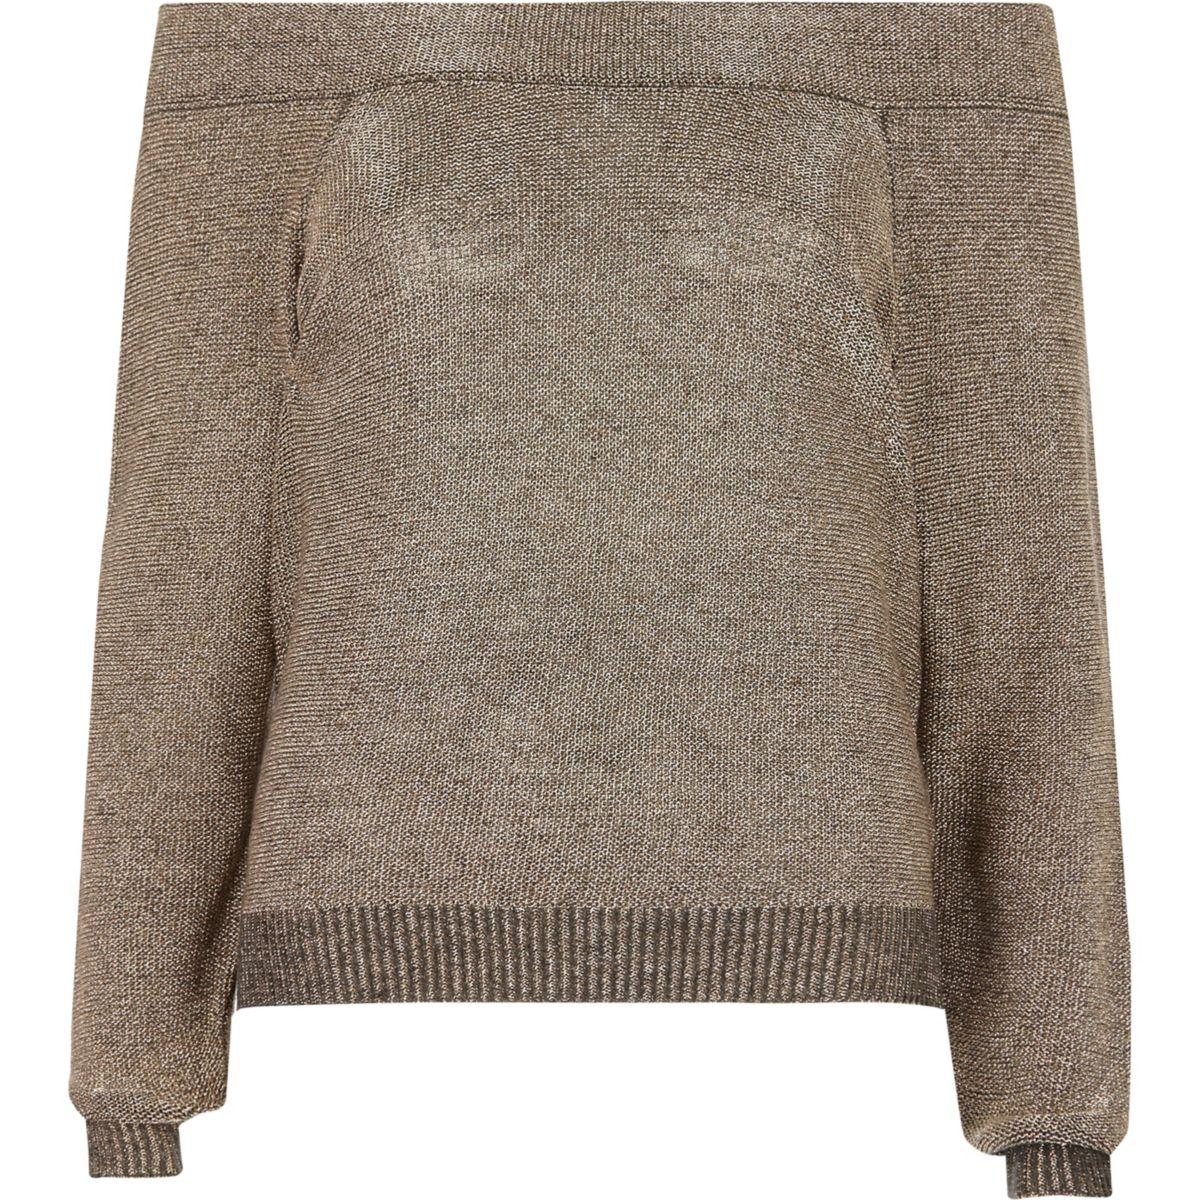 Pullover in Dunkelgrau-Metallic mit Schulterausschnitten